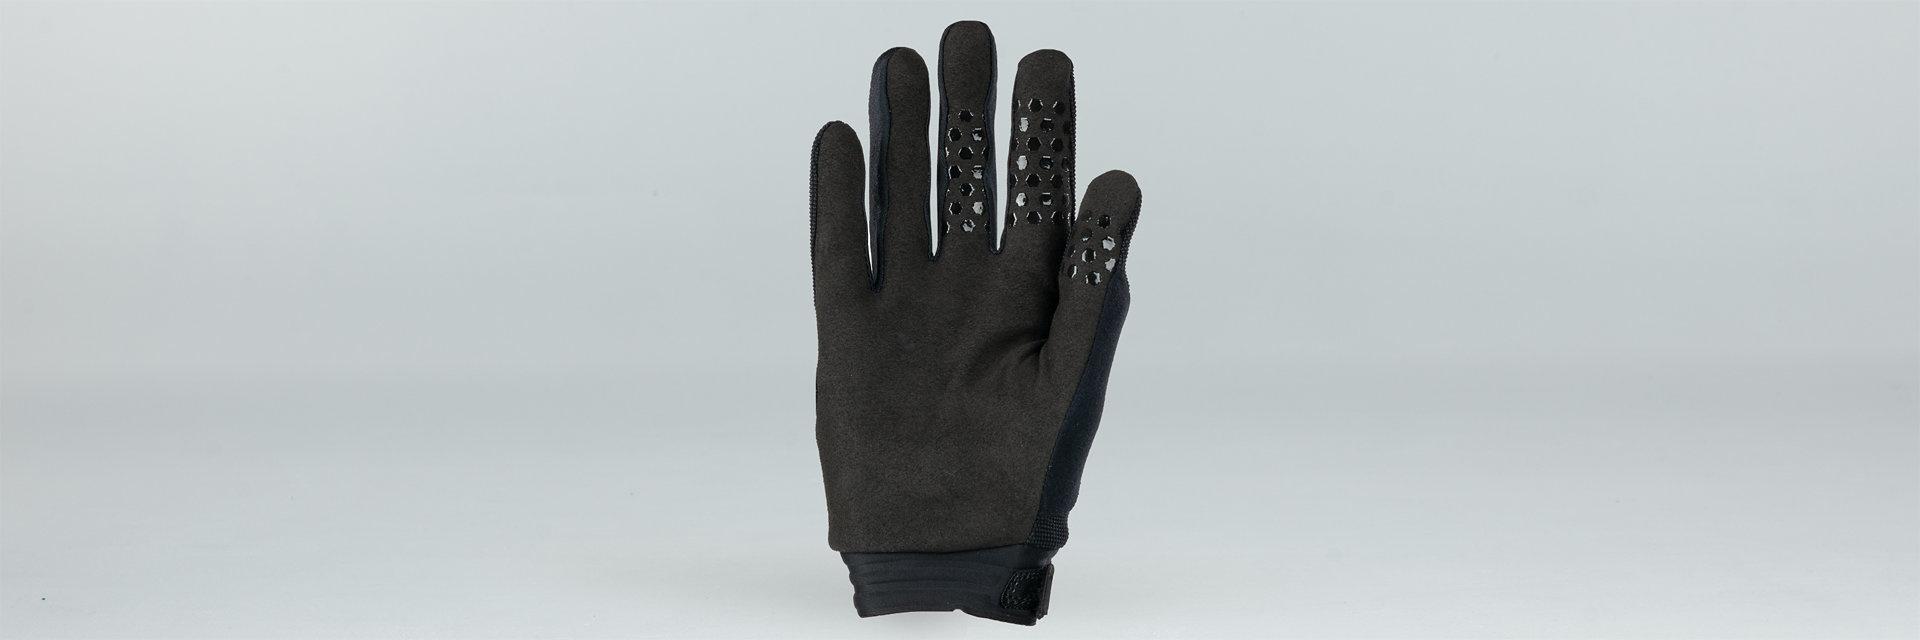 W Trail Glove LF, Black